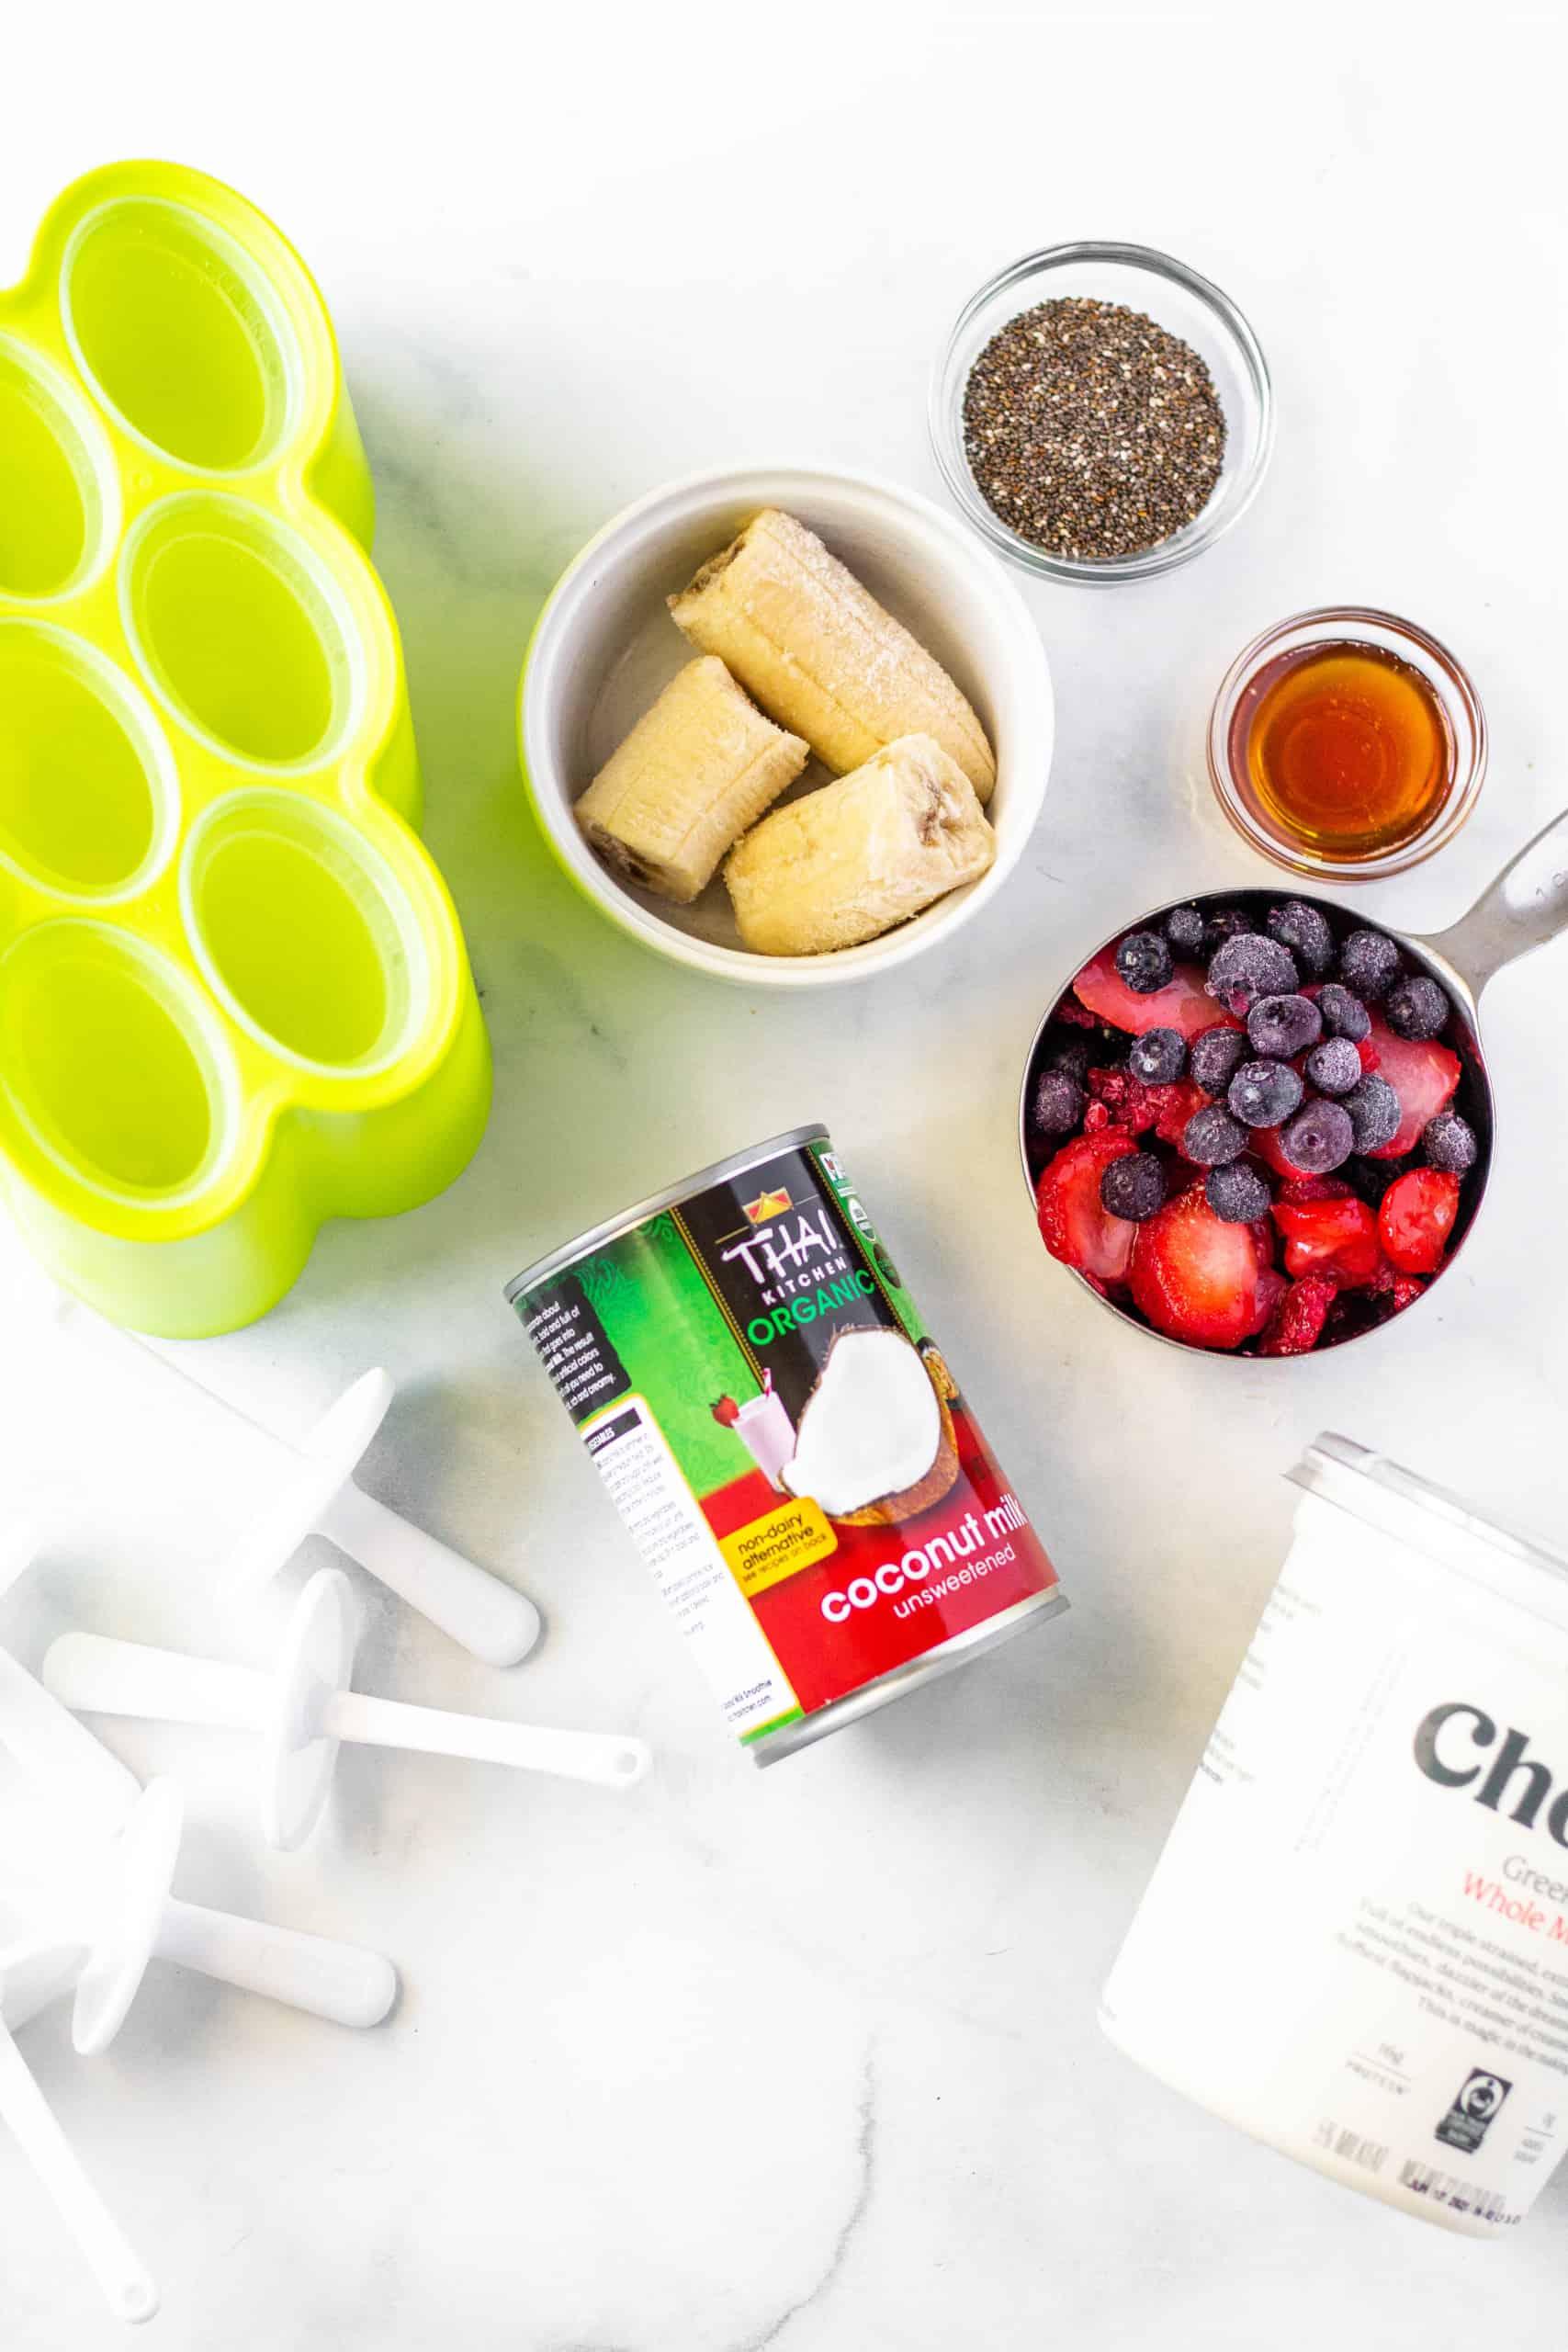 Berry Greek Yogurt Popsicles #berrypopsicle #healthypopsicle #glutenfree